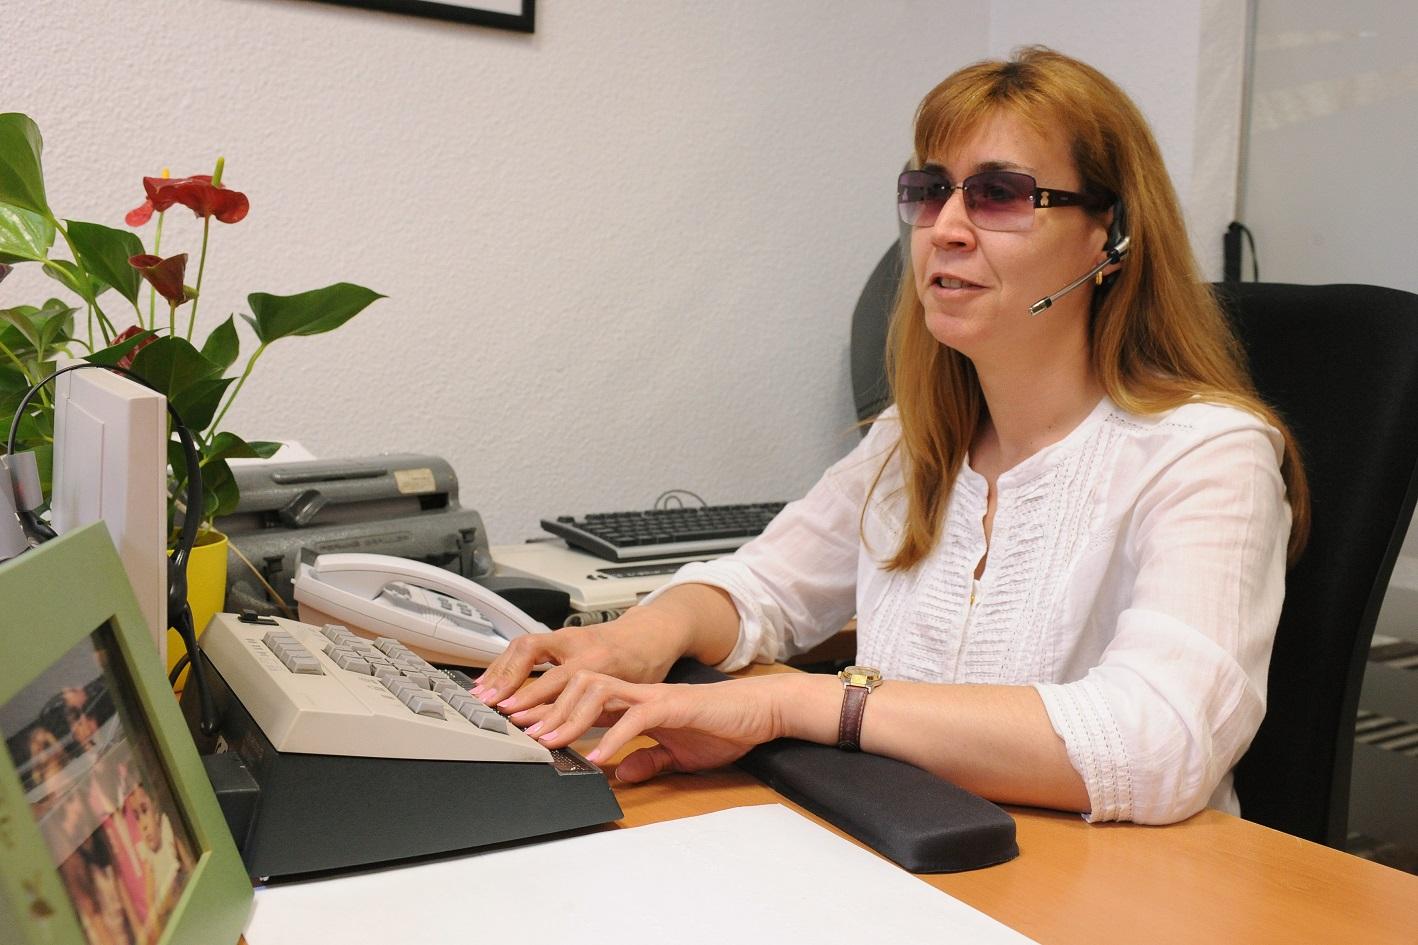 Trabajadora ciega en su puesto de trabajo.